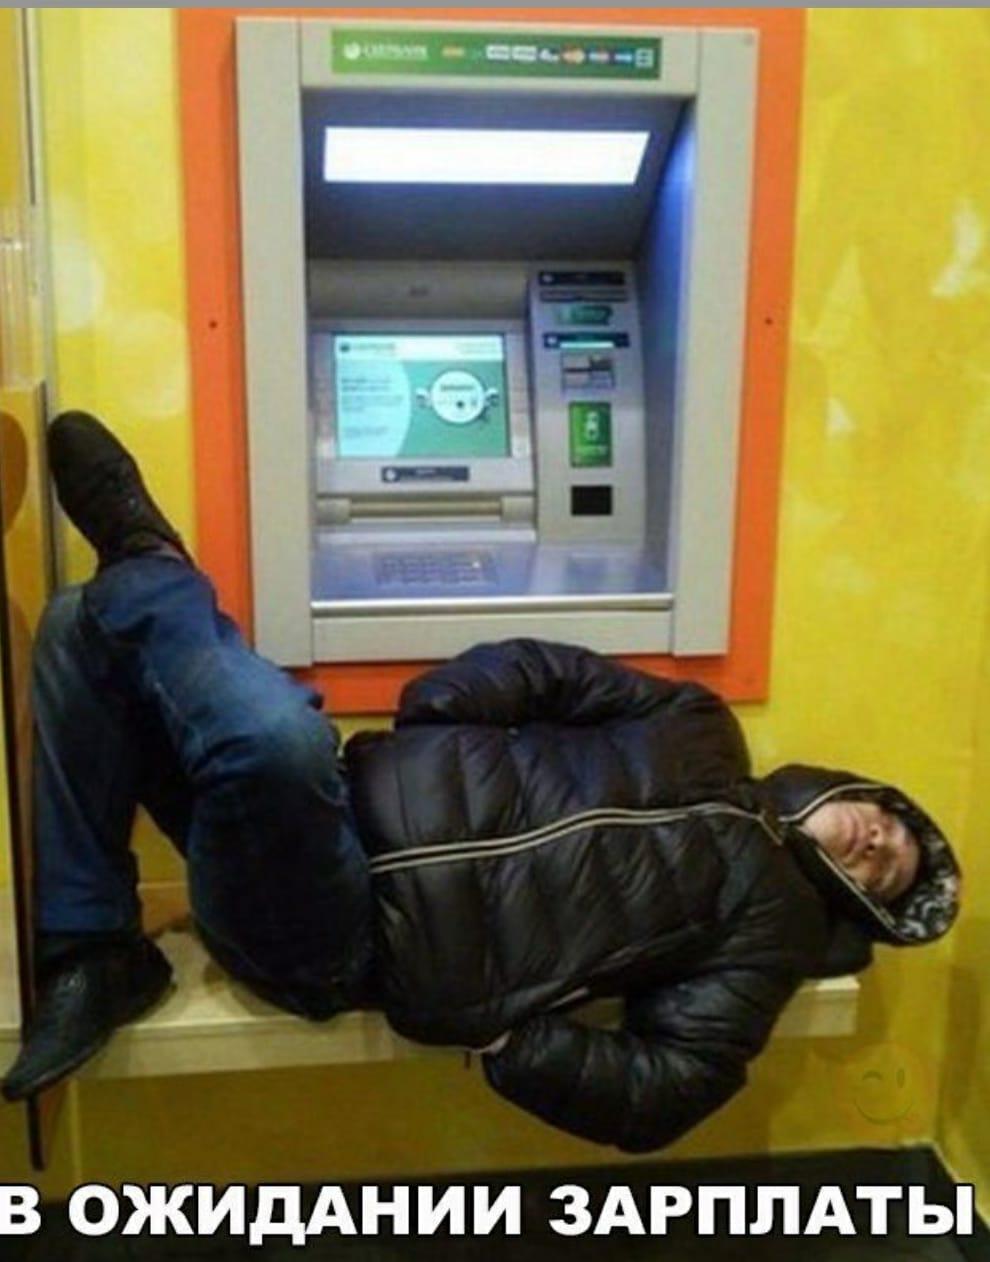 Пока не женился, поражался тупости мужиков, дважды подряд снимающих деньги с банкомата... Весёлые,прикольные и забавные фотки и картинки,А так же анекдоты и приятное общение